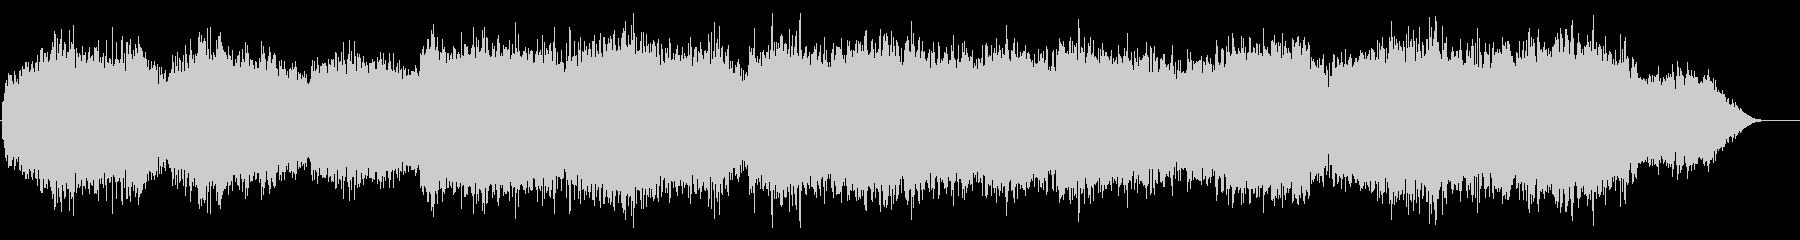 あやしいオバさん❤不思議な歌とハープ❤Bの未再生の波形